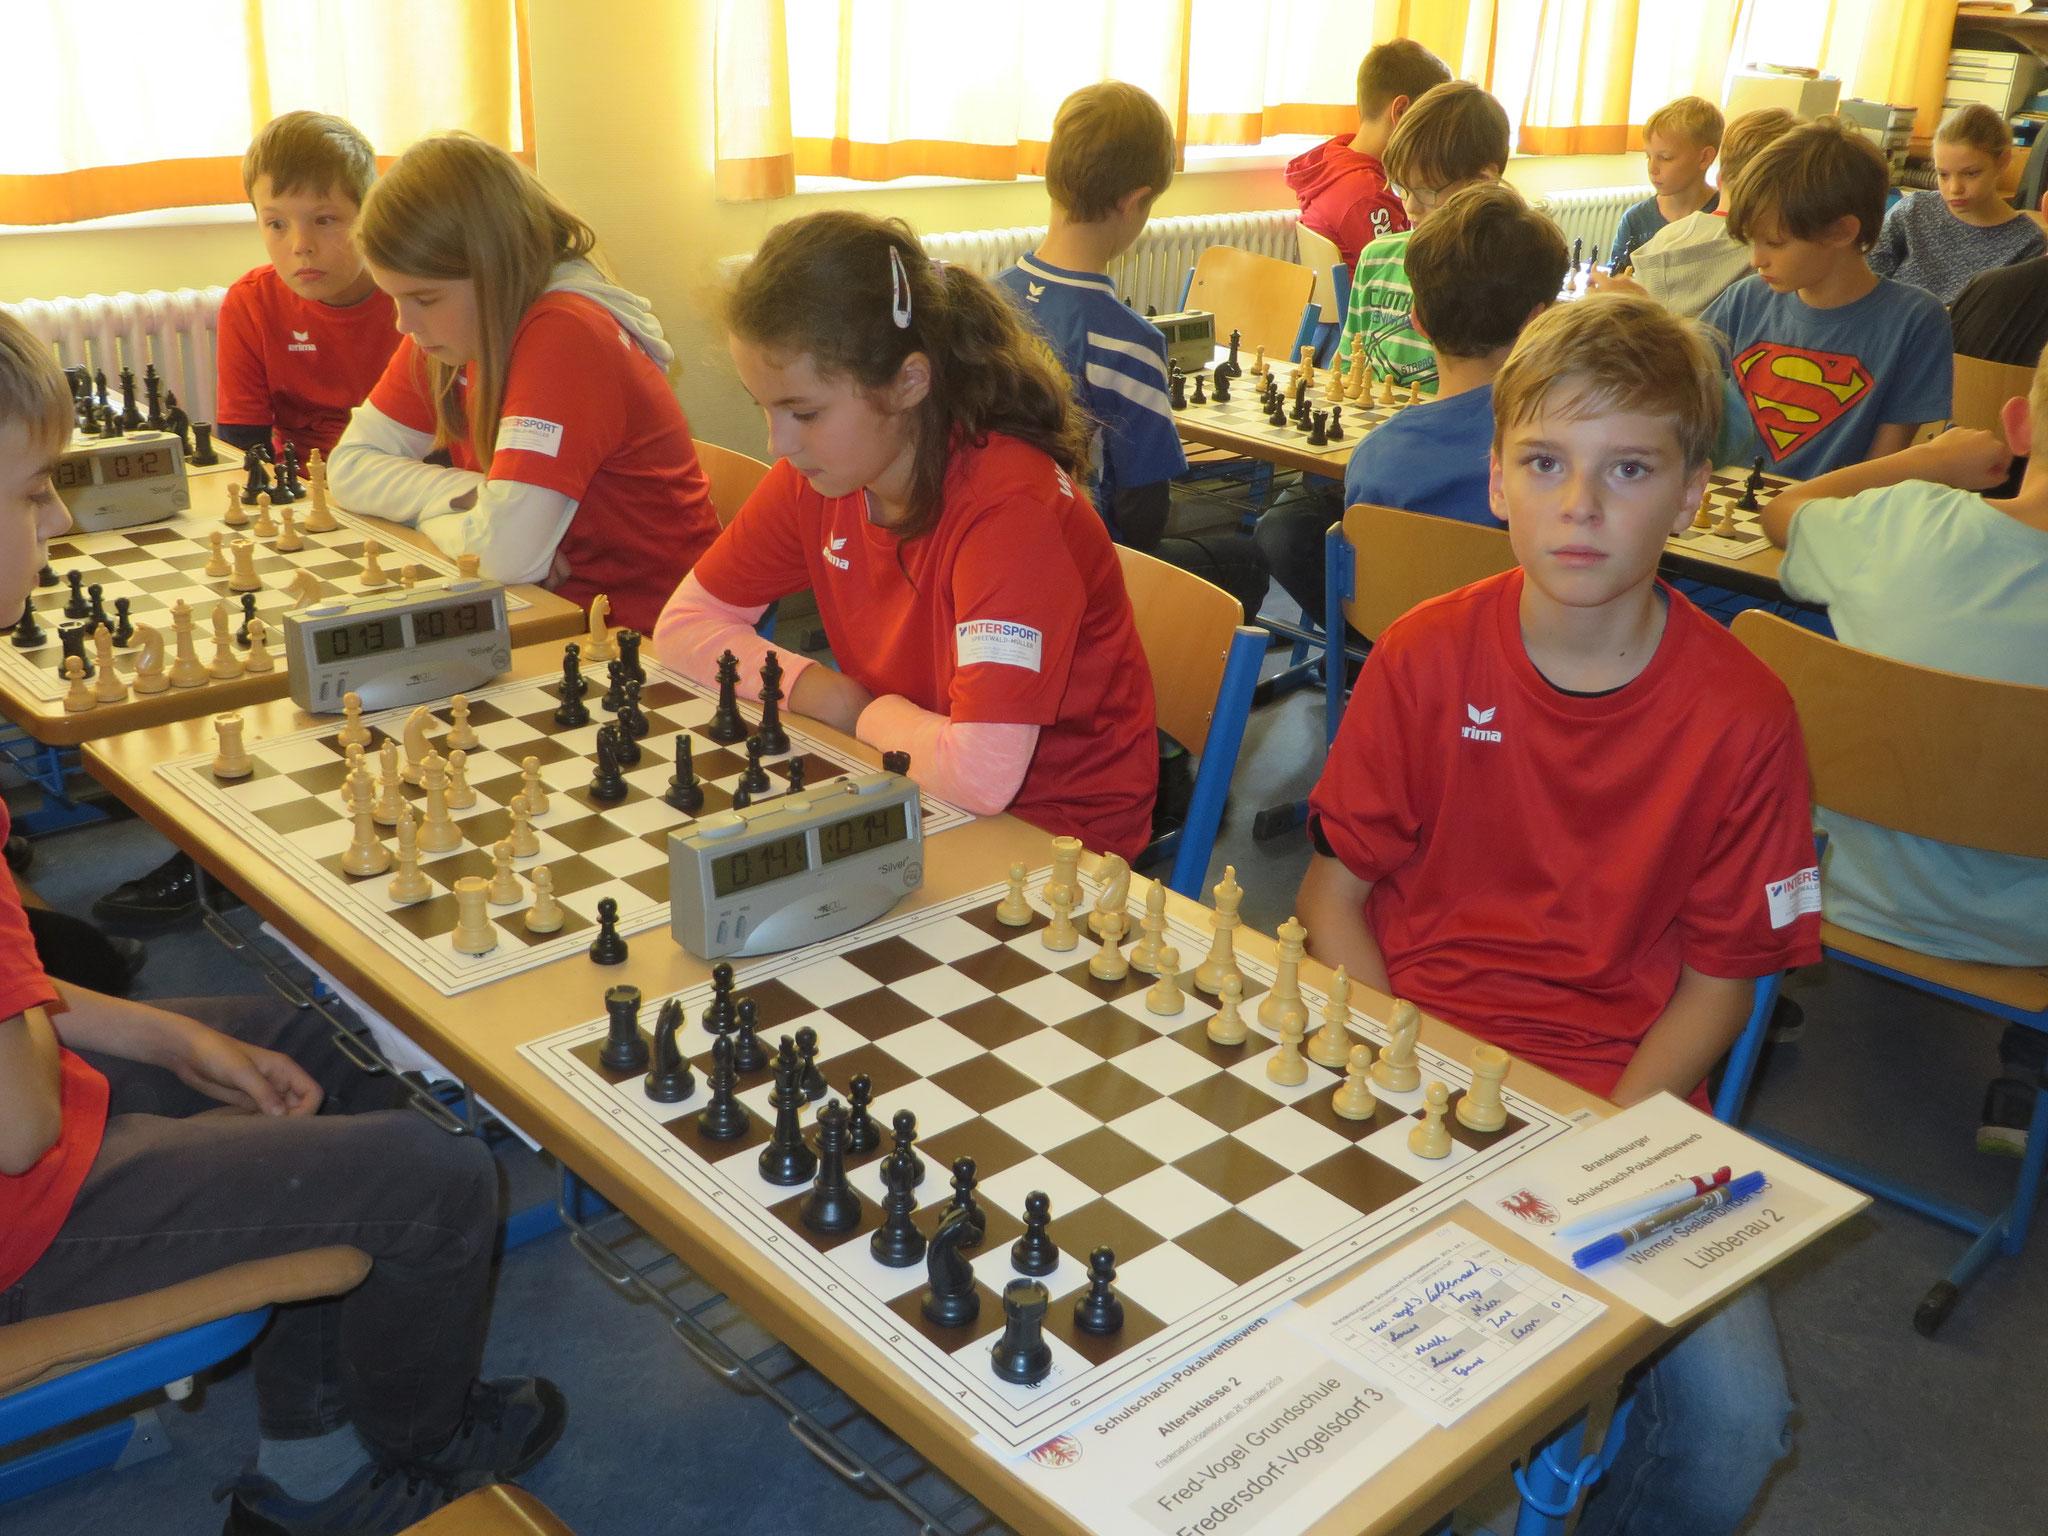 AK 2 : Das Team der Werner-Seelenbinder-GS II in Runde 6 mit Tony (Brett 1) , Mia (Brett 2) , Zoe (Brett 3) und Leon (Brett 4)